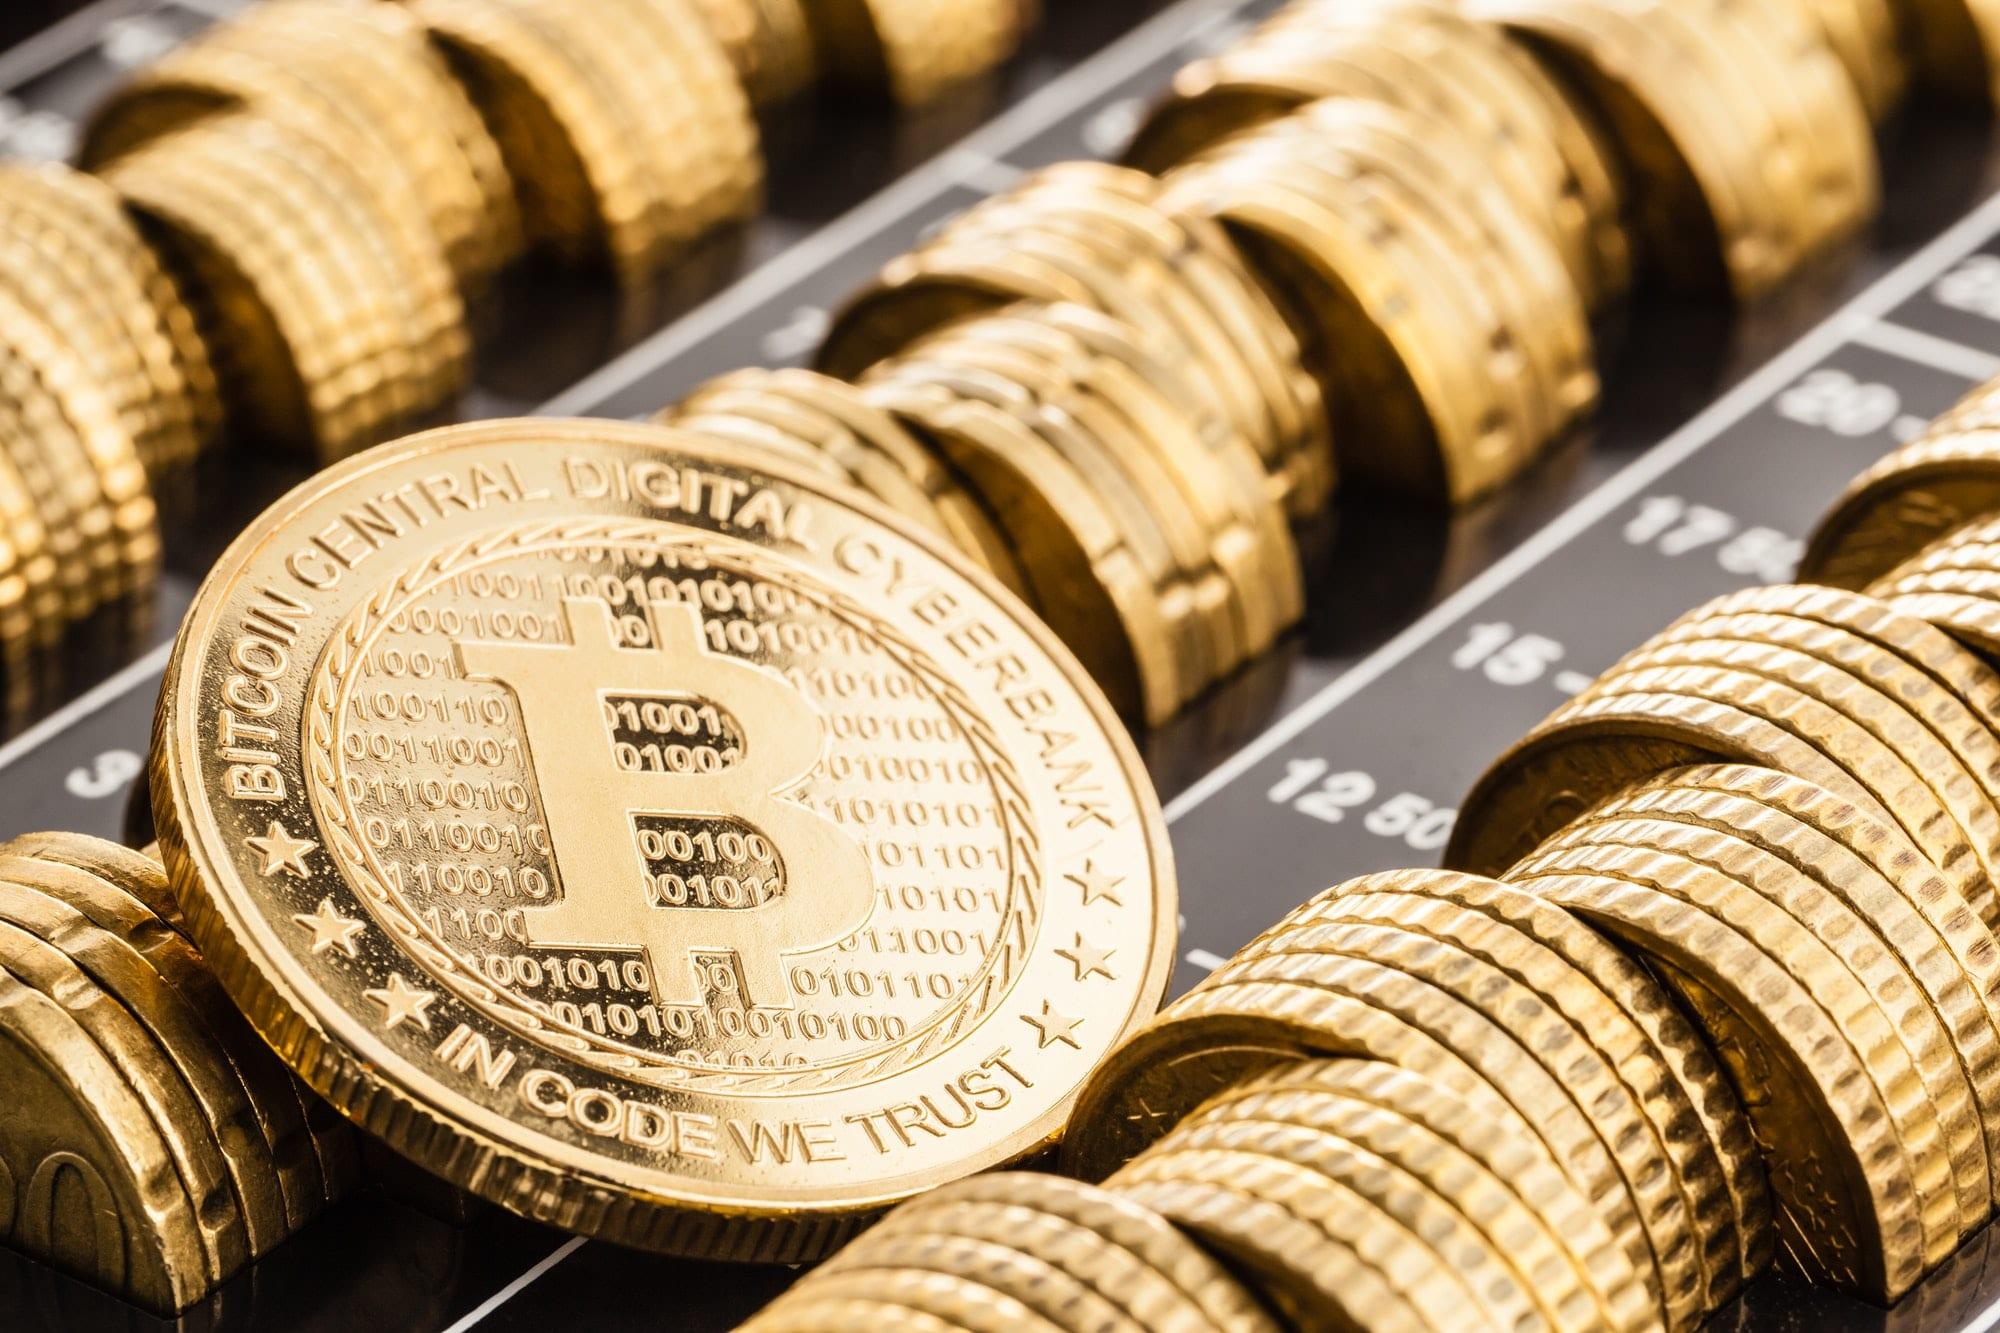 Gold bitcoin over Euro coins